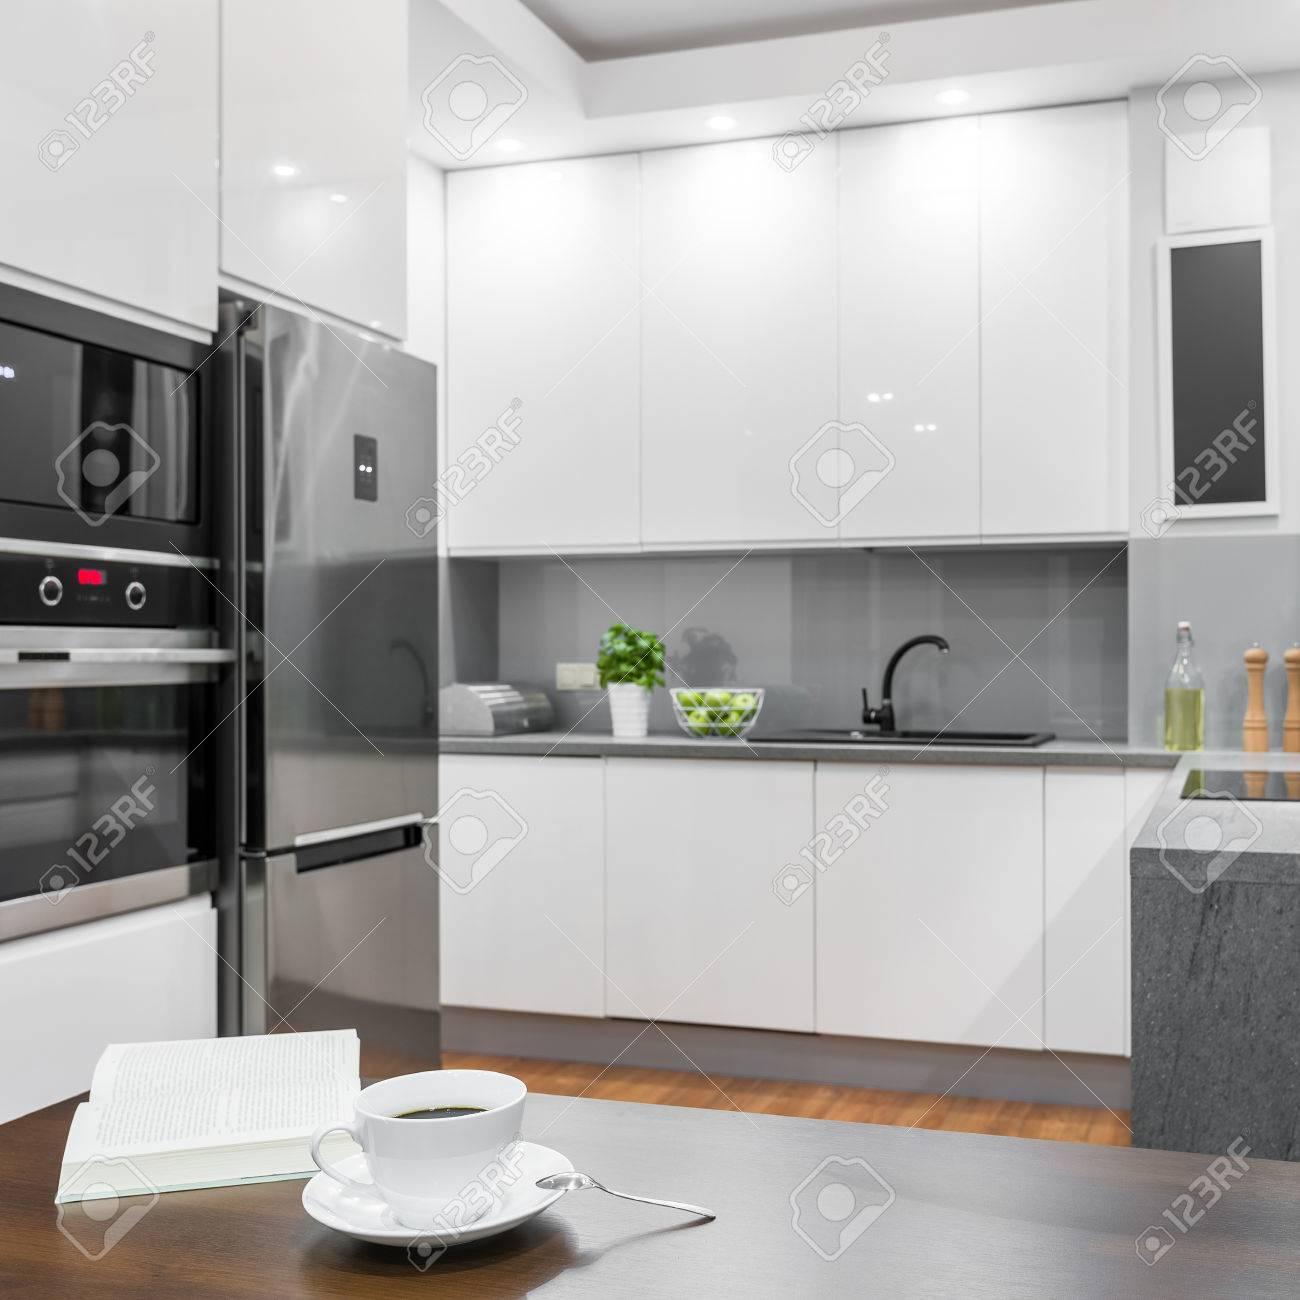 Verschiedene Weisse Küche Hochglanz Foto Von Standard-bild - Tasse Kaffee Auf Holztisch Steht